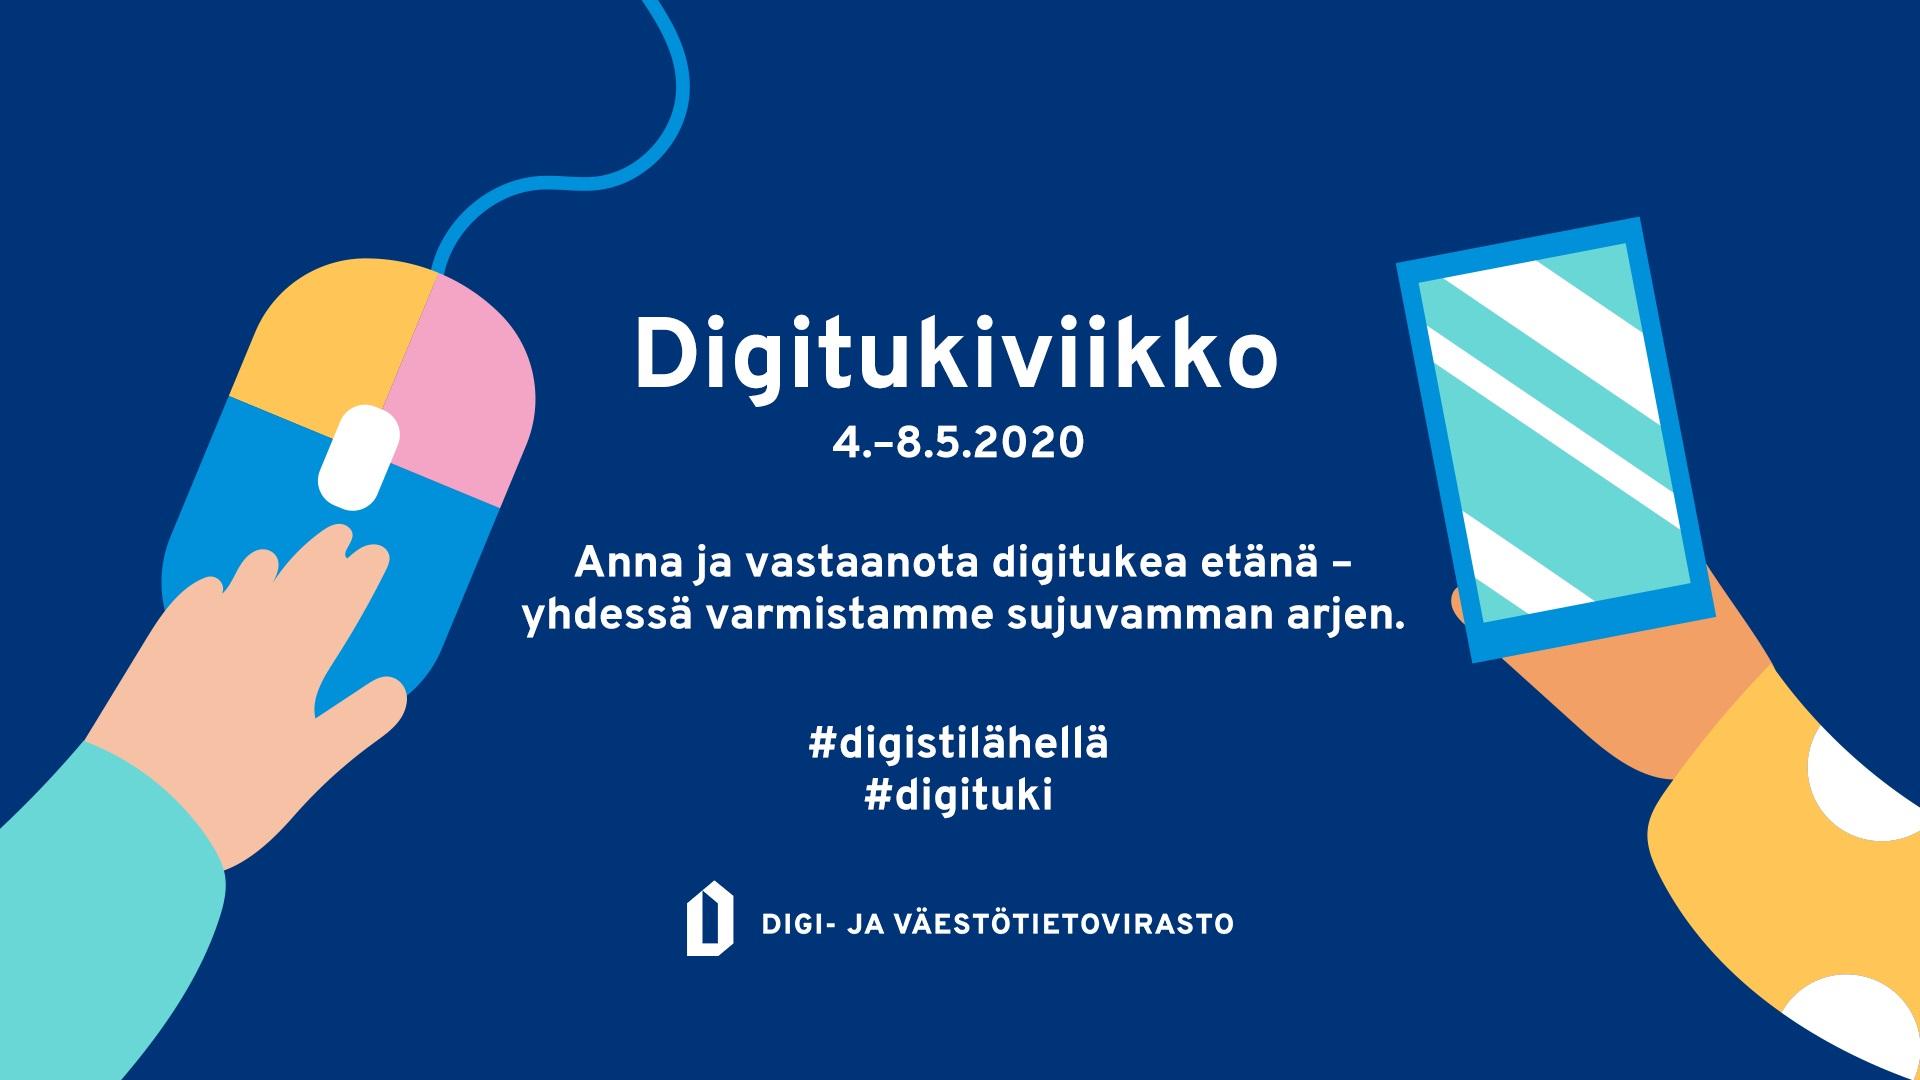 Banneri, jossa on teksti: Digitukiviikko 4.-8.5.2020. Anna ja vastaanota digitukea etänä - yhdessä varmistamme sujuvamman arjen. #digistilähellä #digituki. Tekstin lisäksi piirroskuvassa on käsi, joka pitelee kännykkää, ja toinen käsi, joka pitelee tietokoneen hiirtä.